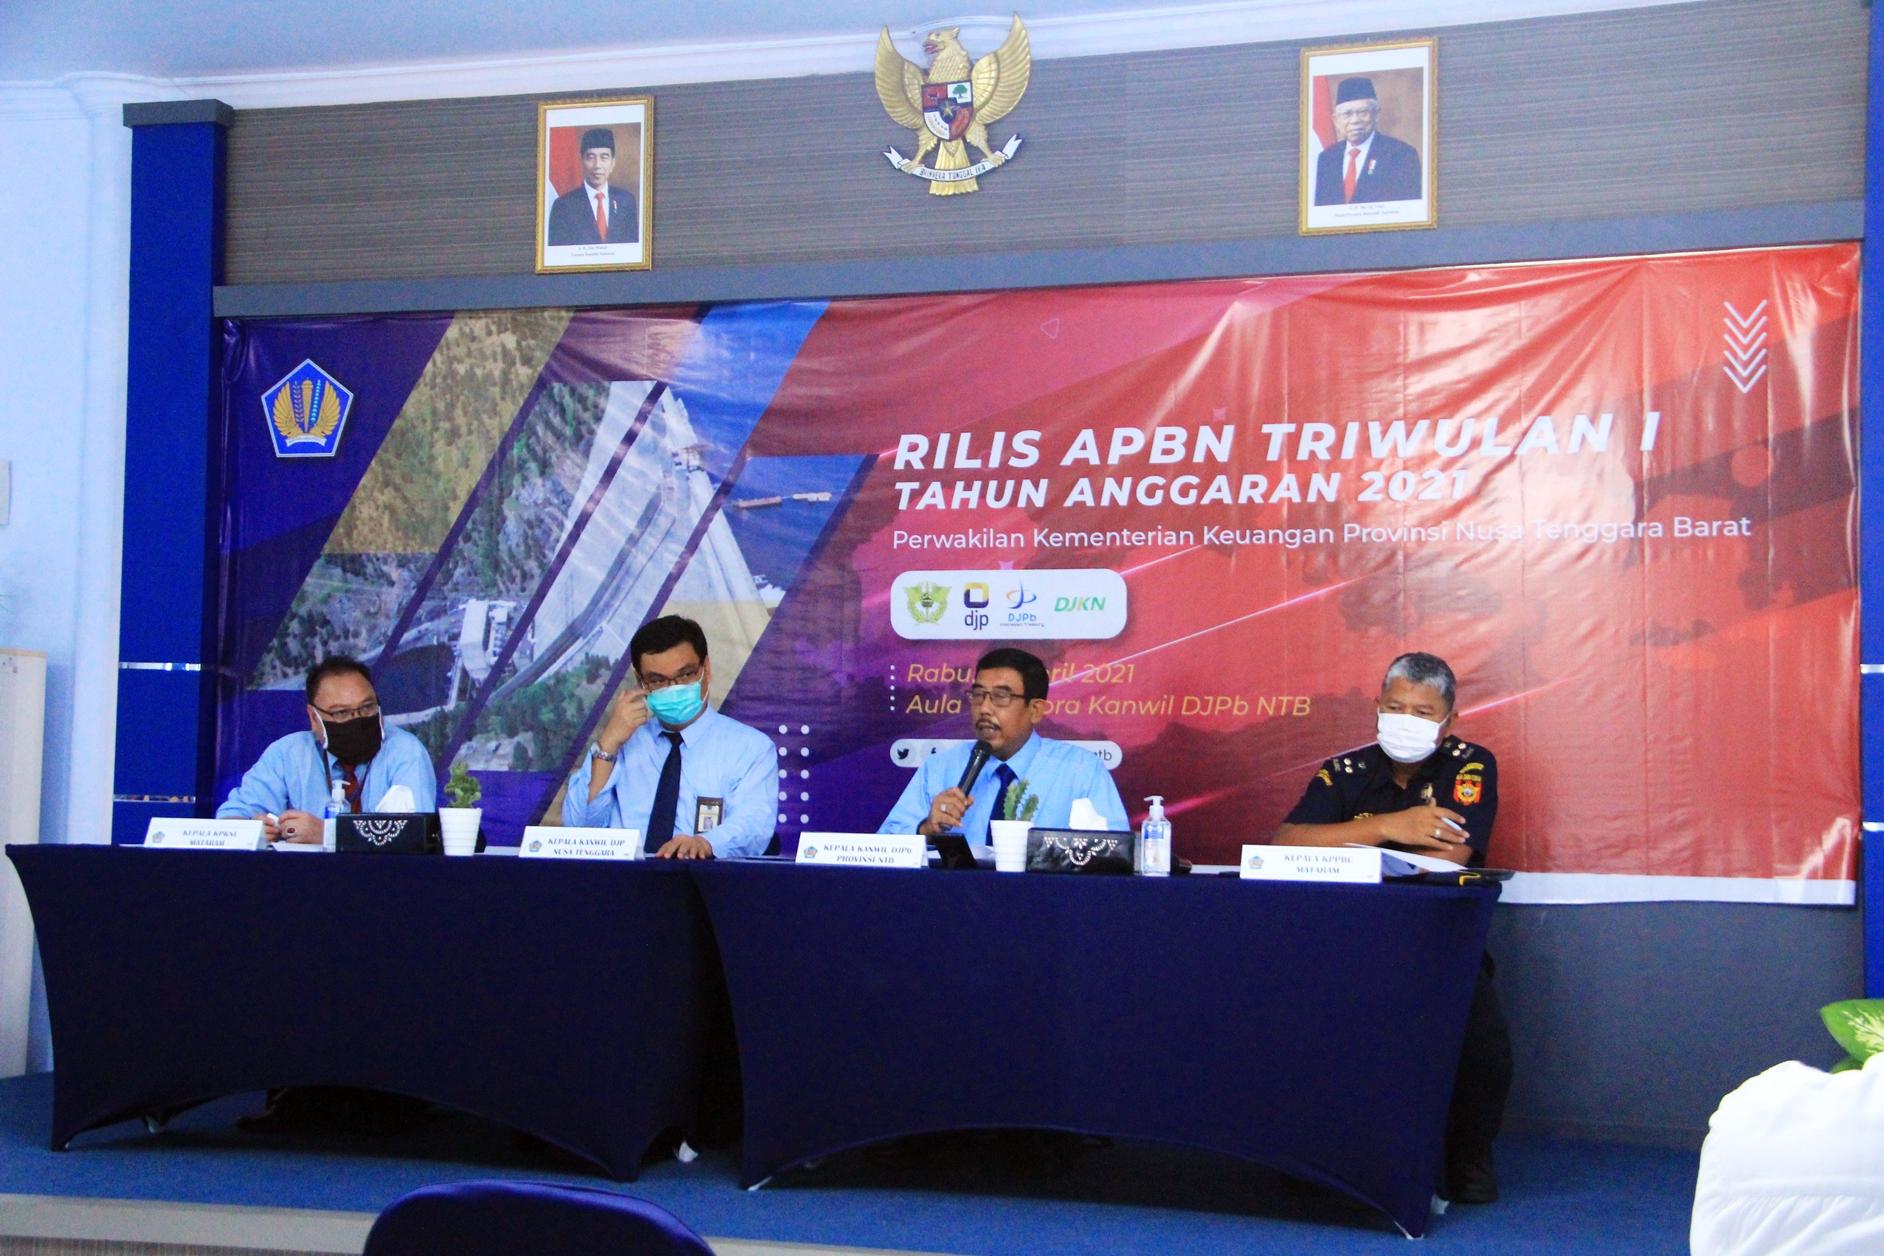 Informasikan Pengelolaan APBN, Perwakilan Kemenkeu Provinsi NTB Selenggarakan Press Conference Kinerja APBN Triwulan I